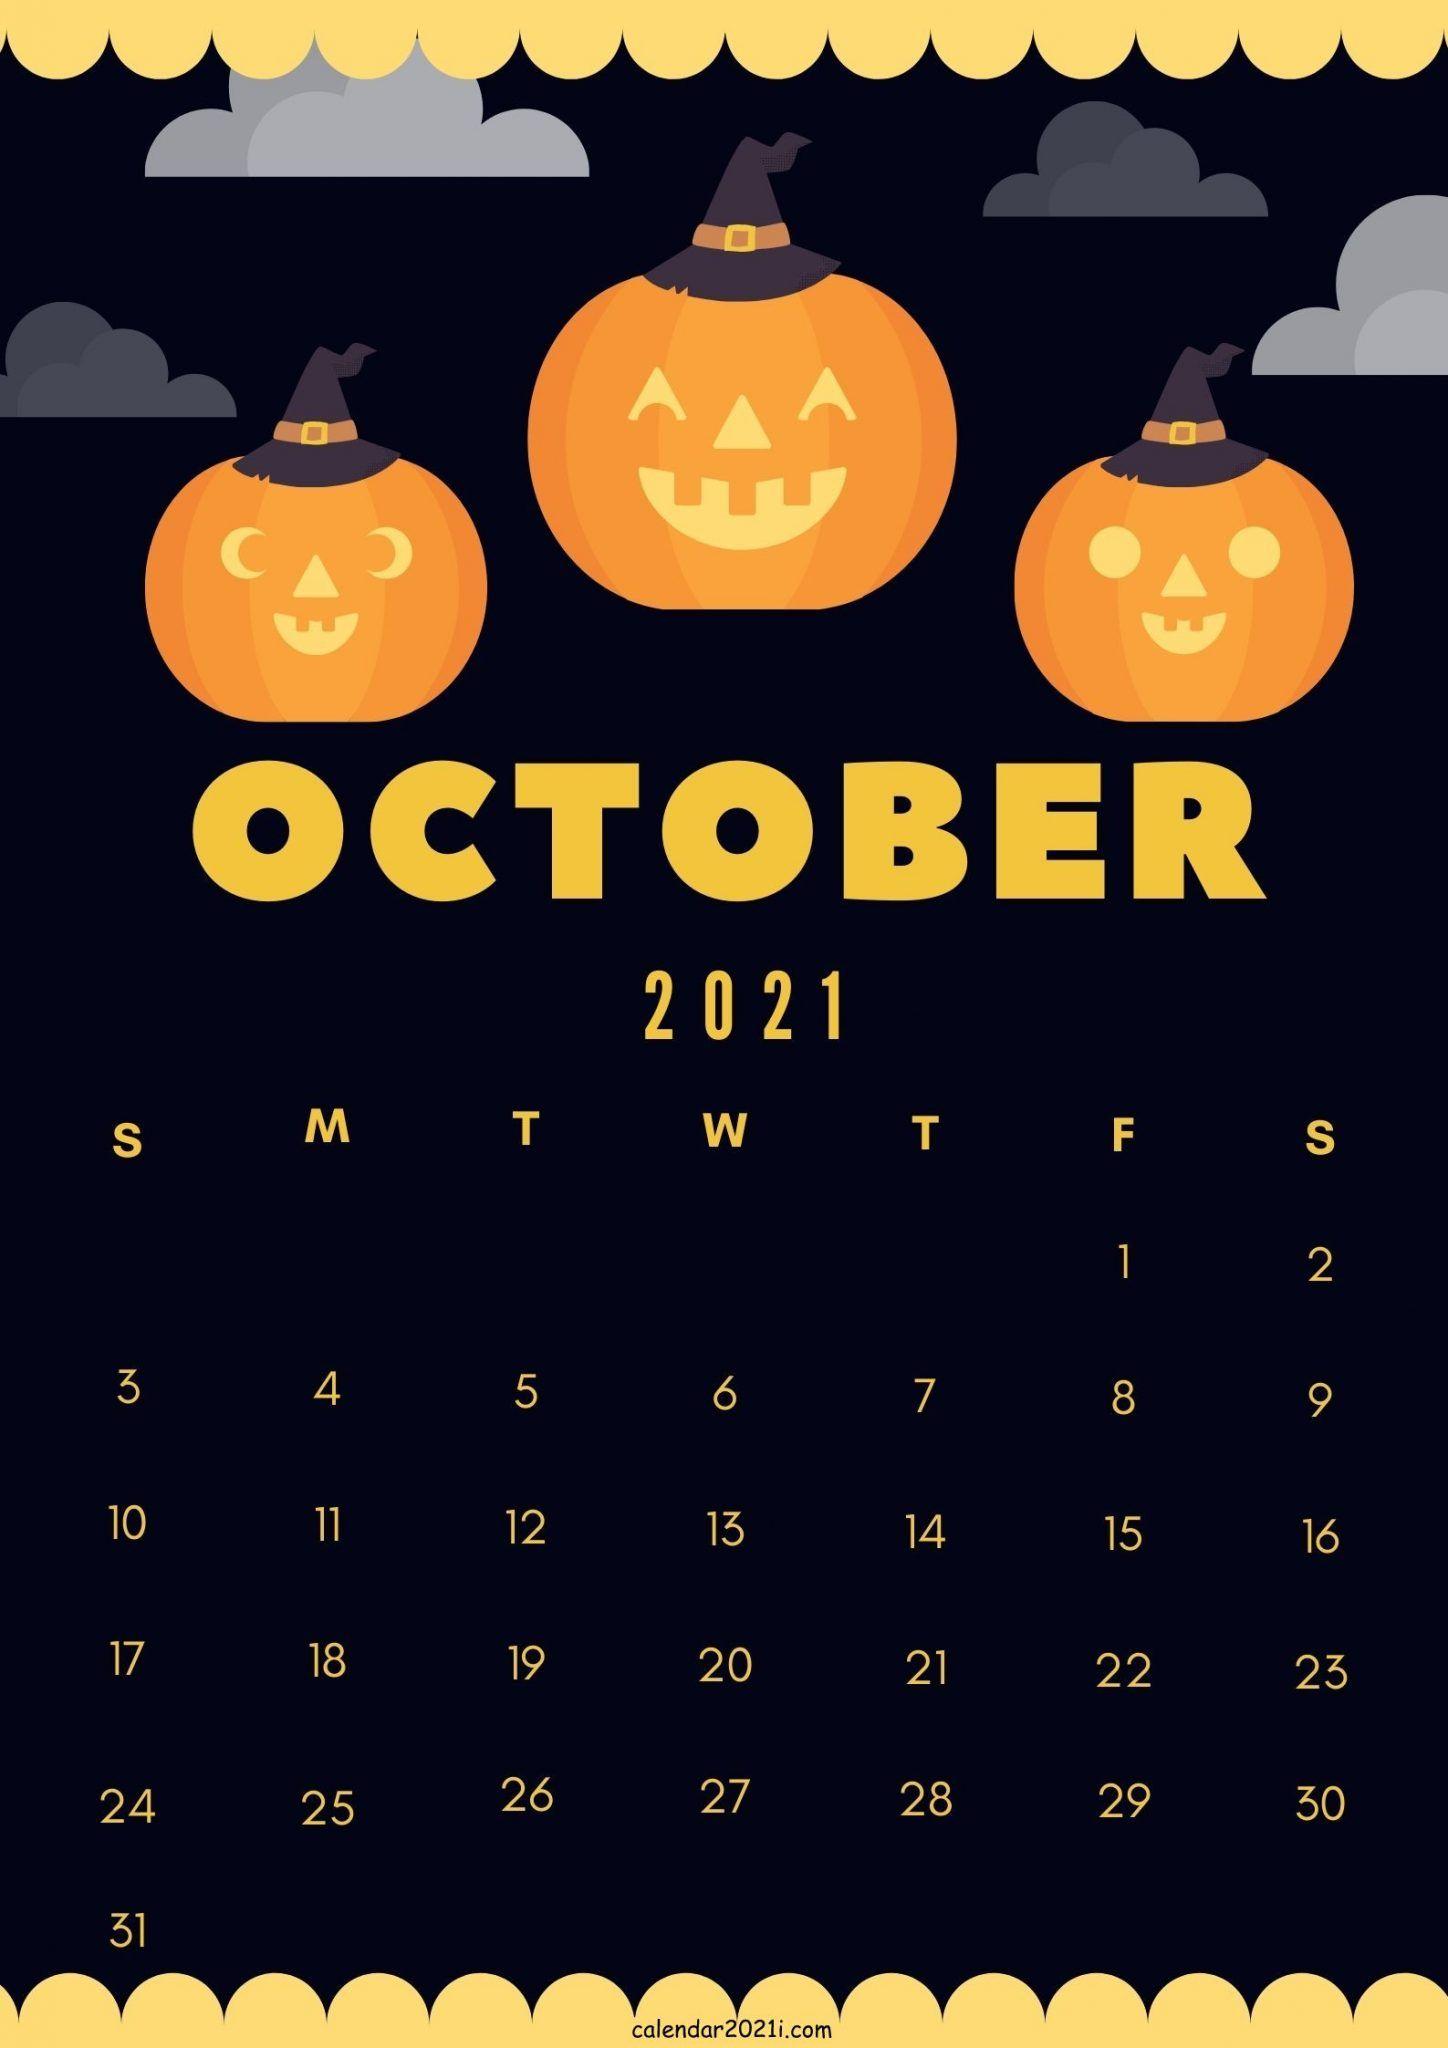 October 2021 Cute Calendar Design printable calendar 1448x2048